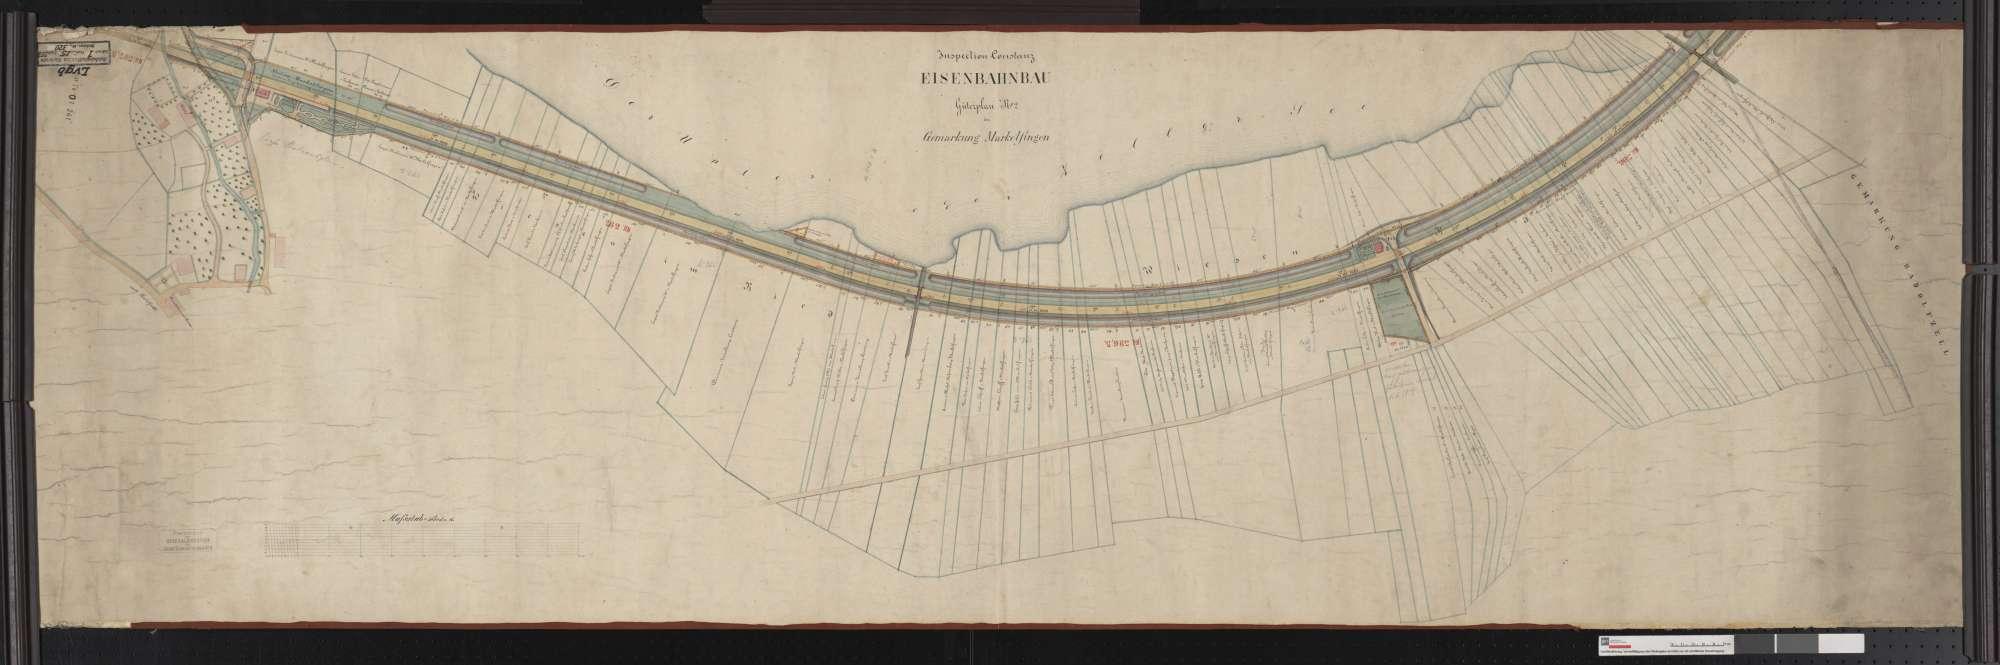 Güterplan der Eisenbahn, Inspektion Konstanz: Gemarkung Markelfingen Streckenausschnitt: 395,9 bis 397,5 km, Bild 1